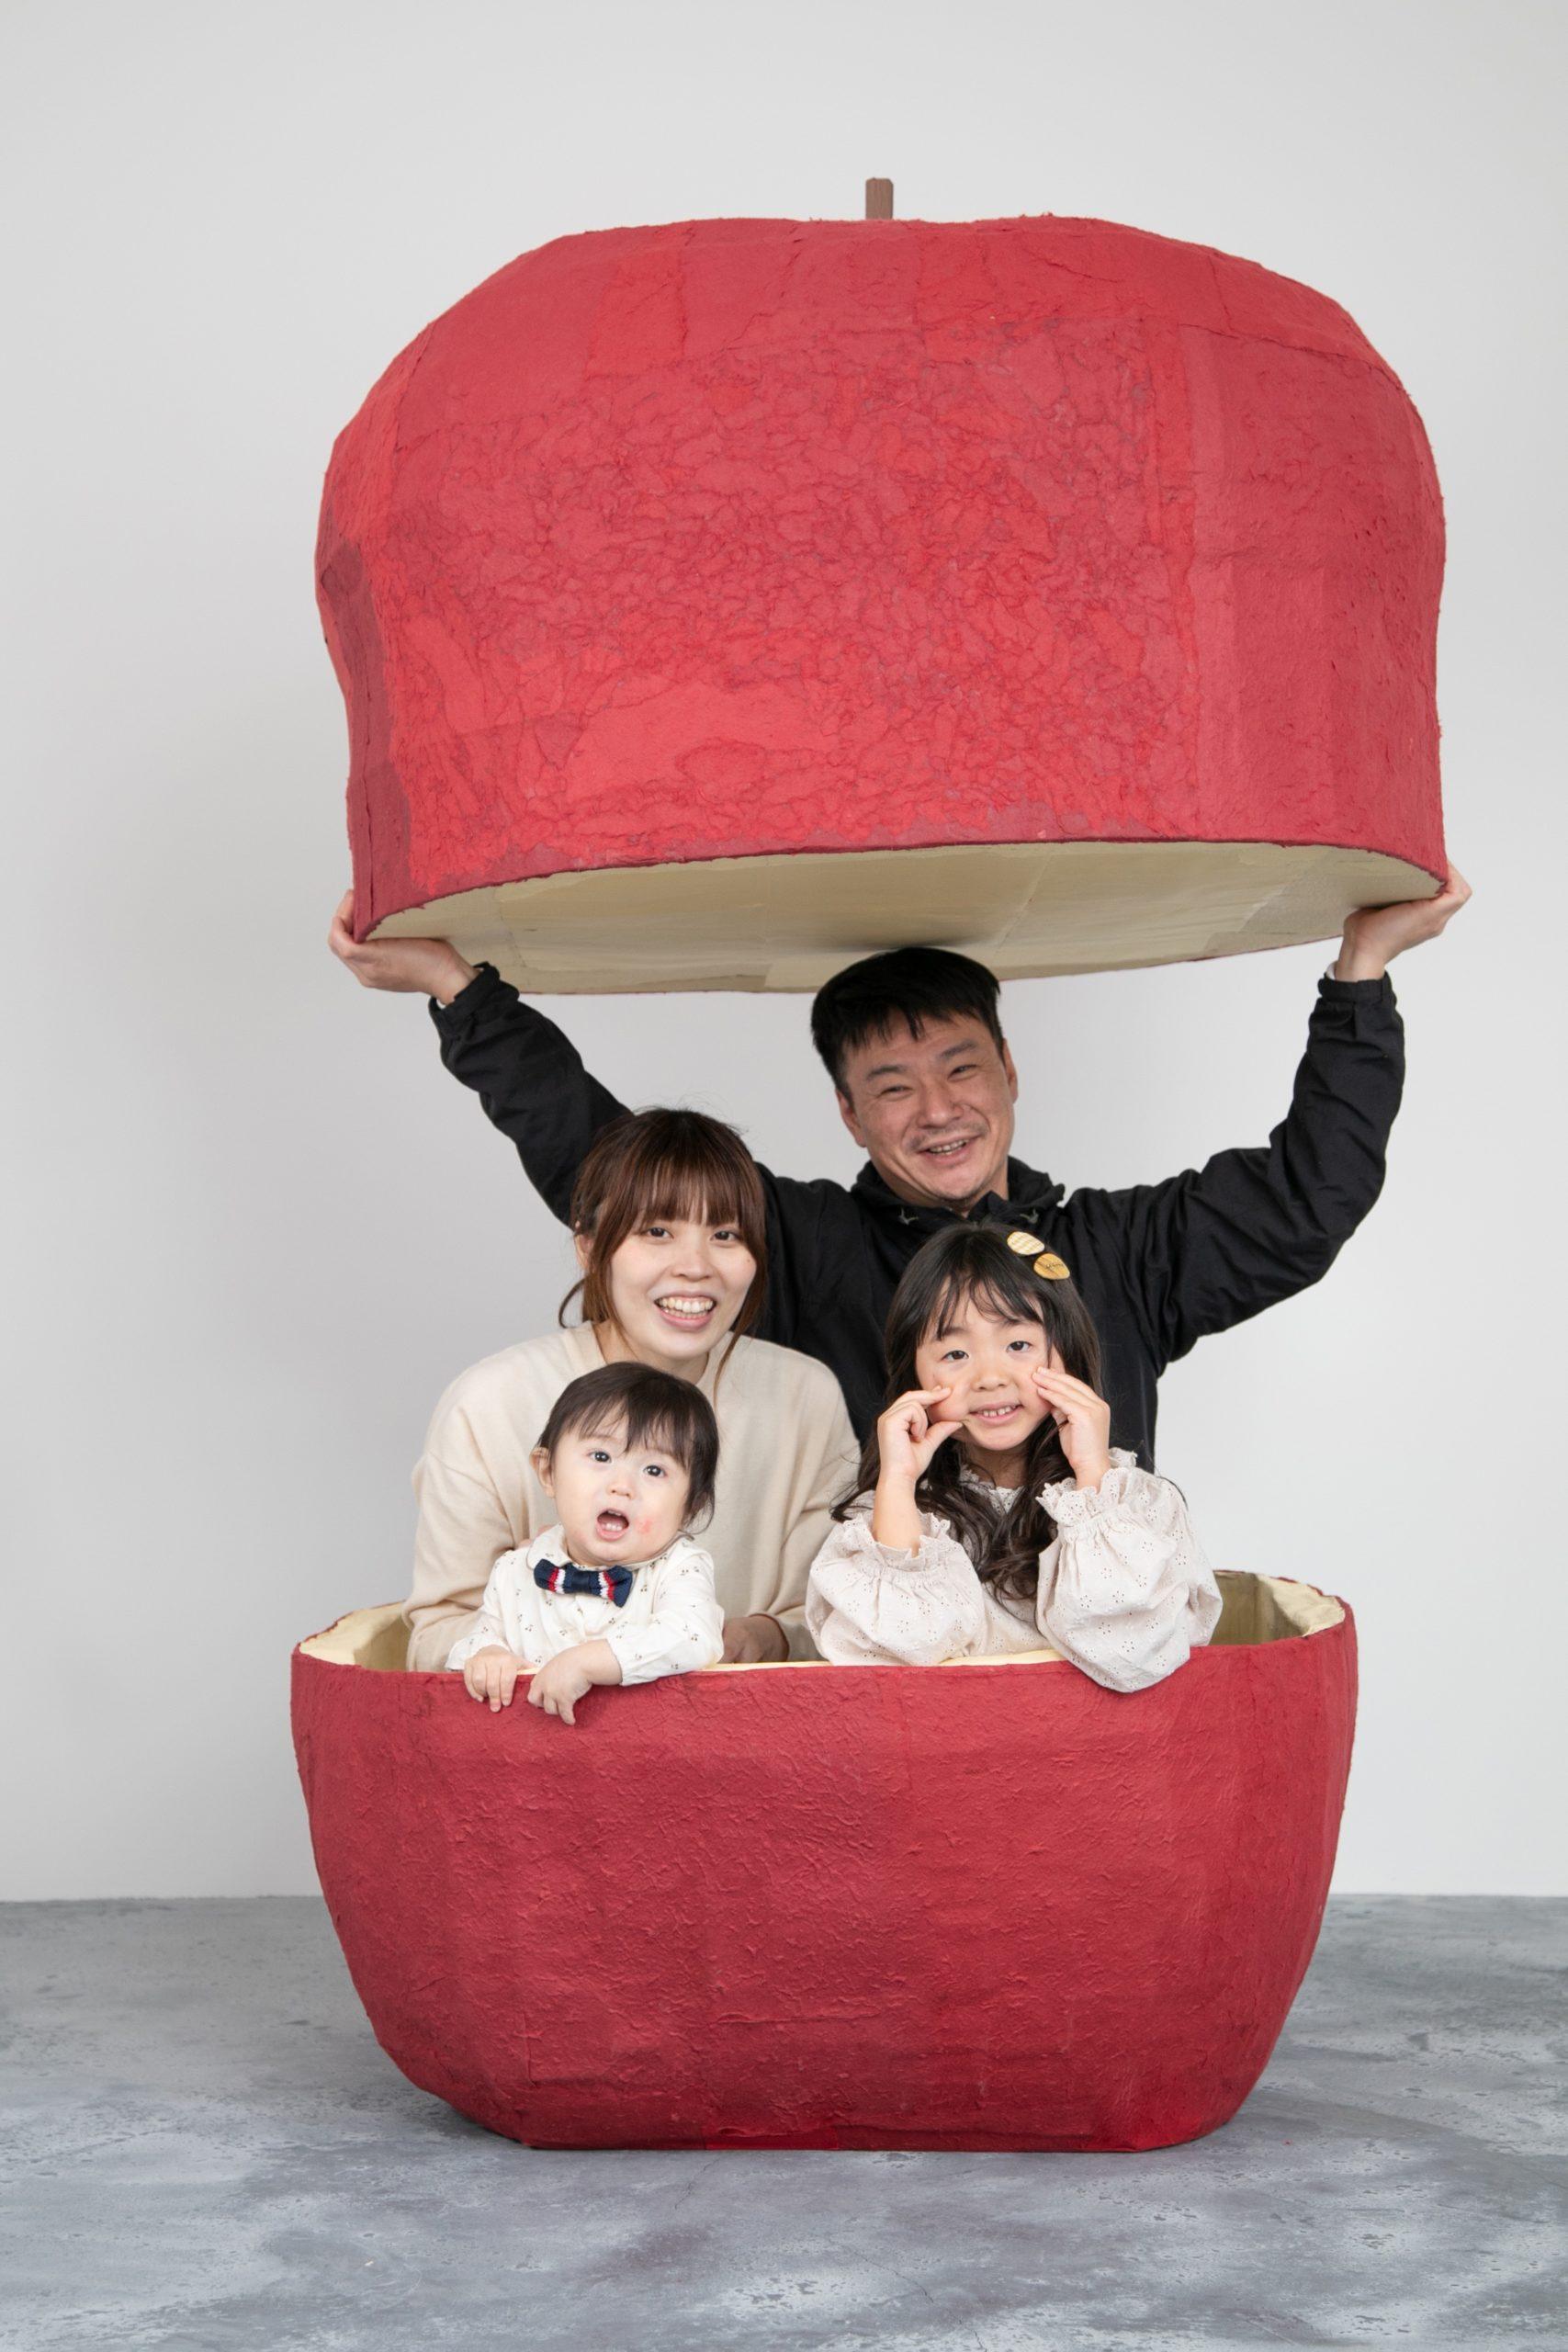 巨大りんごの中で家族写真